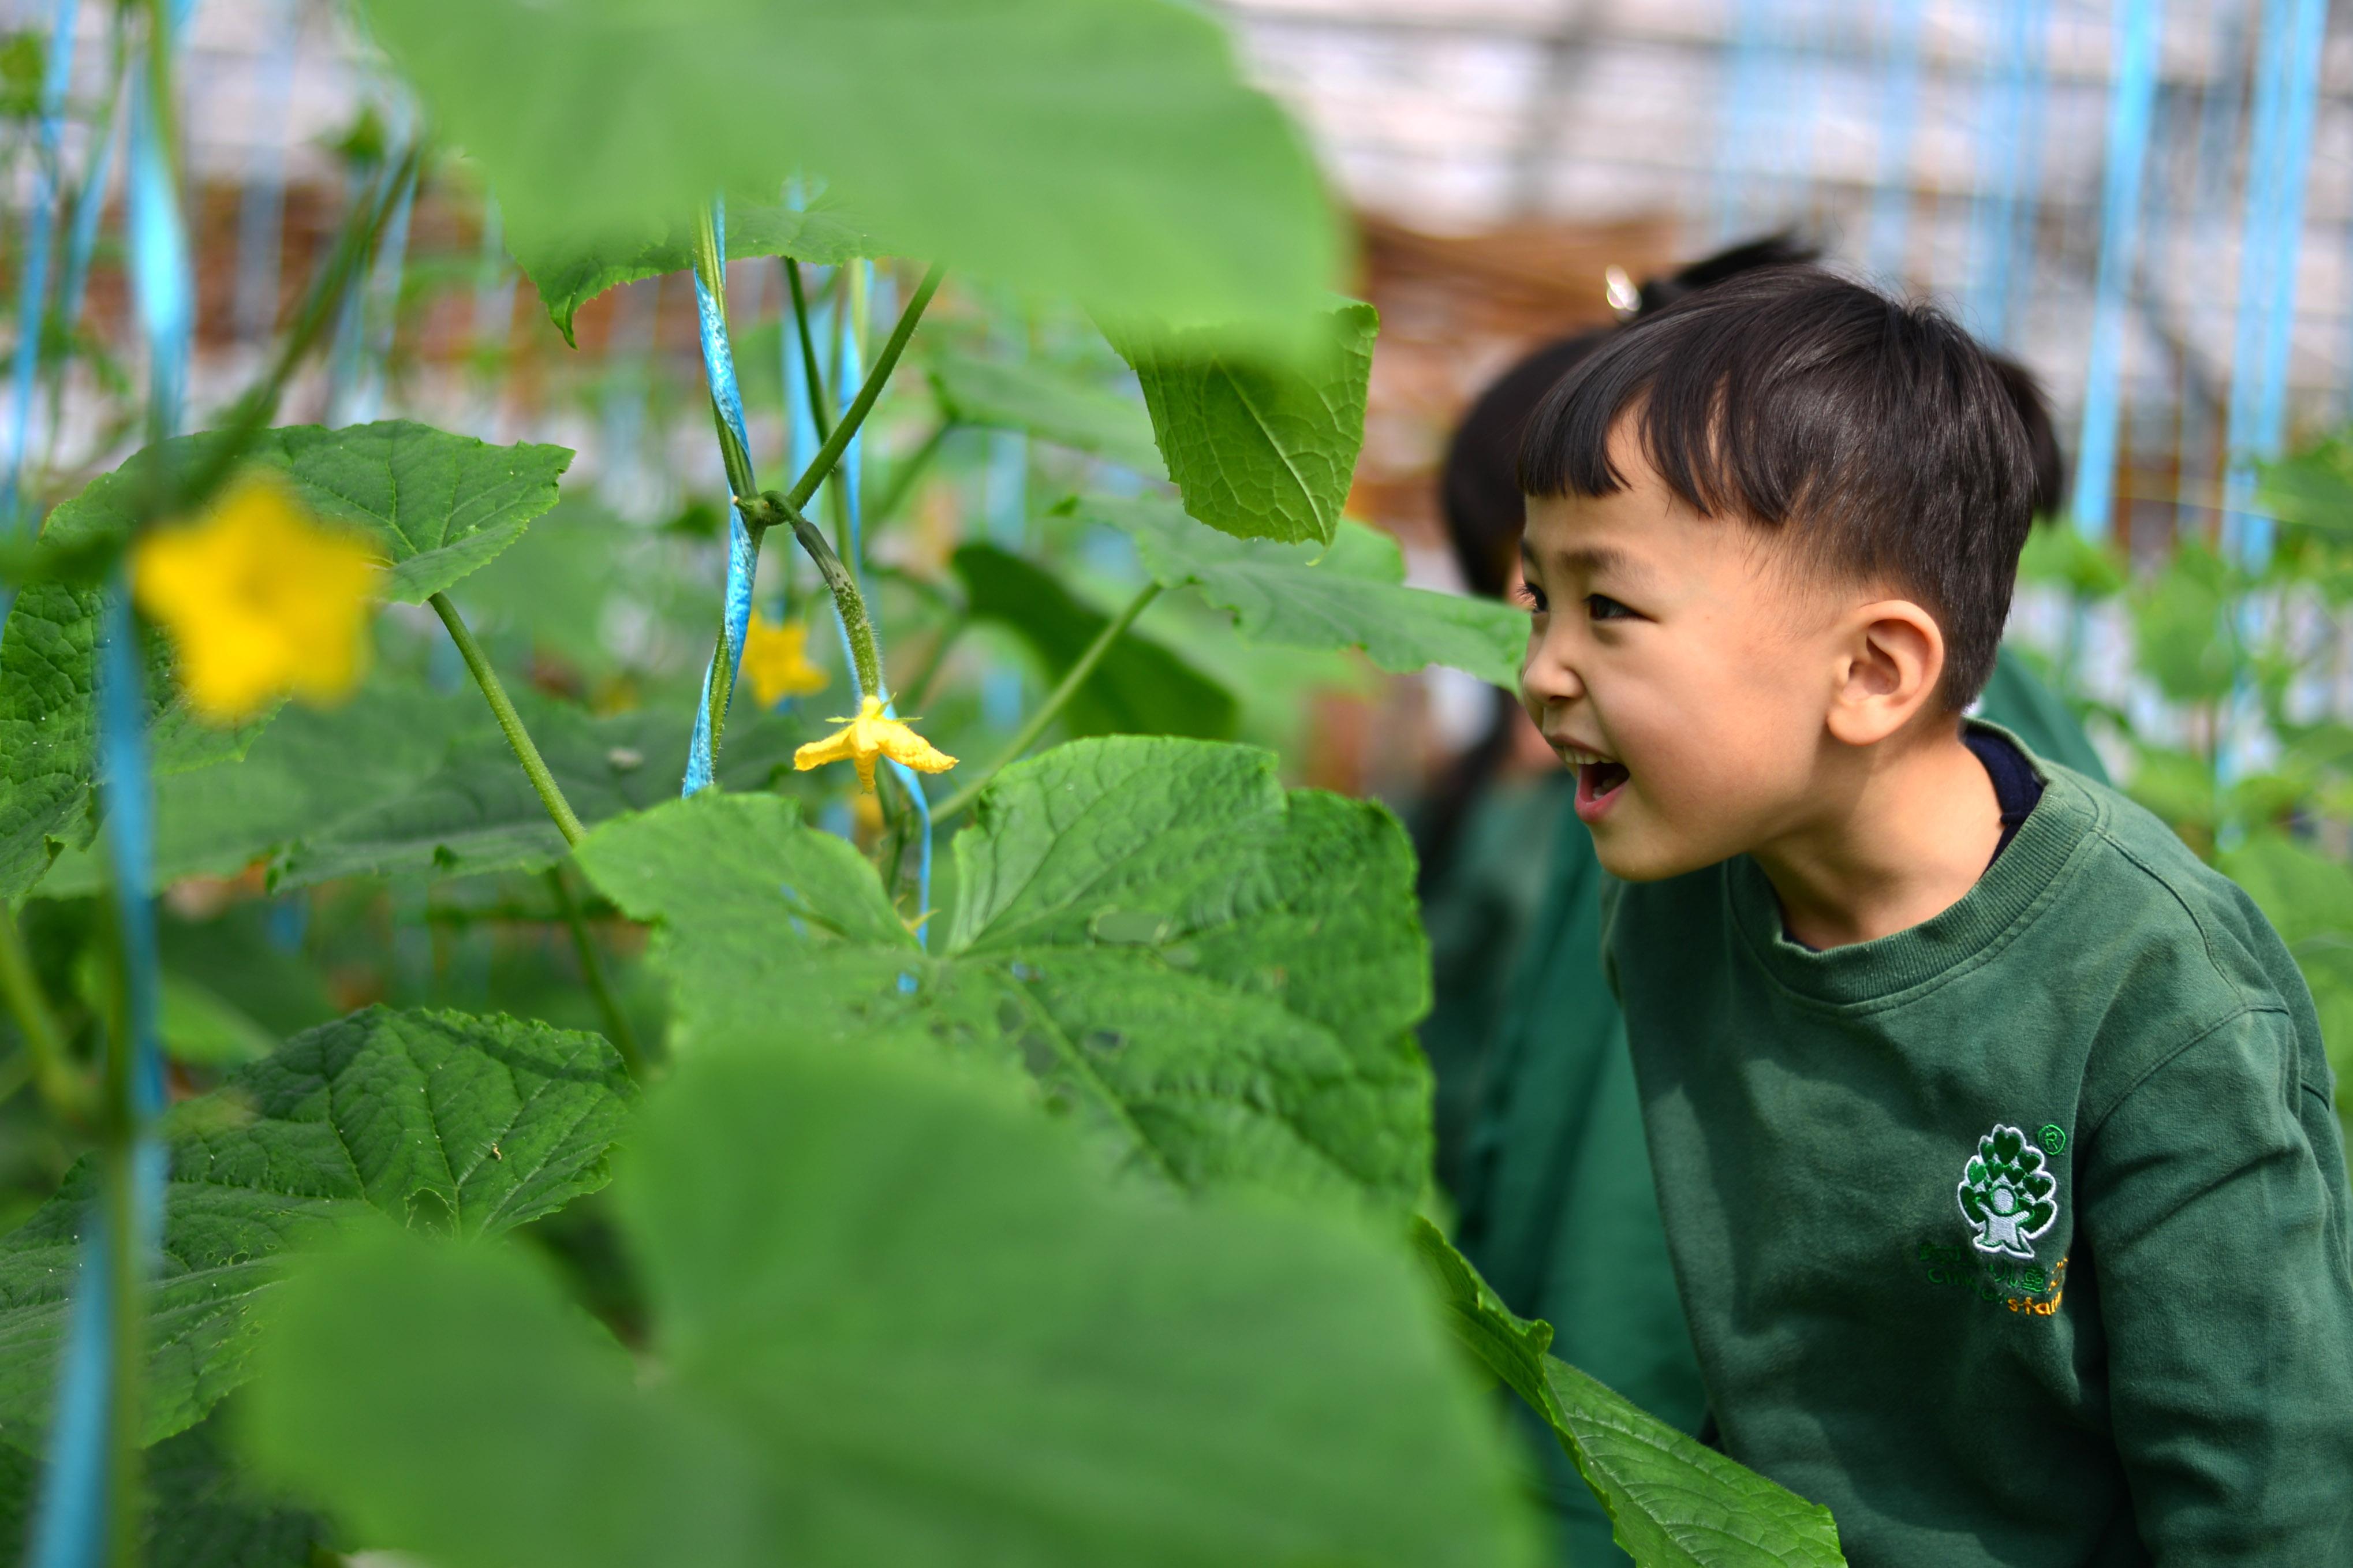 ↑10月19日,一名小朋友在观察开花的黄瓜。CICPHOTO/霍红军 摄